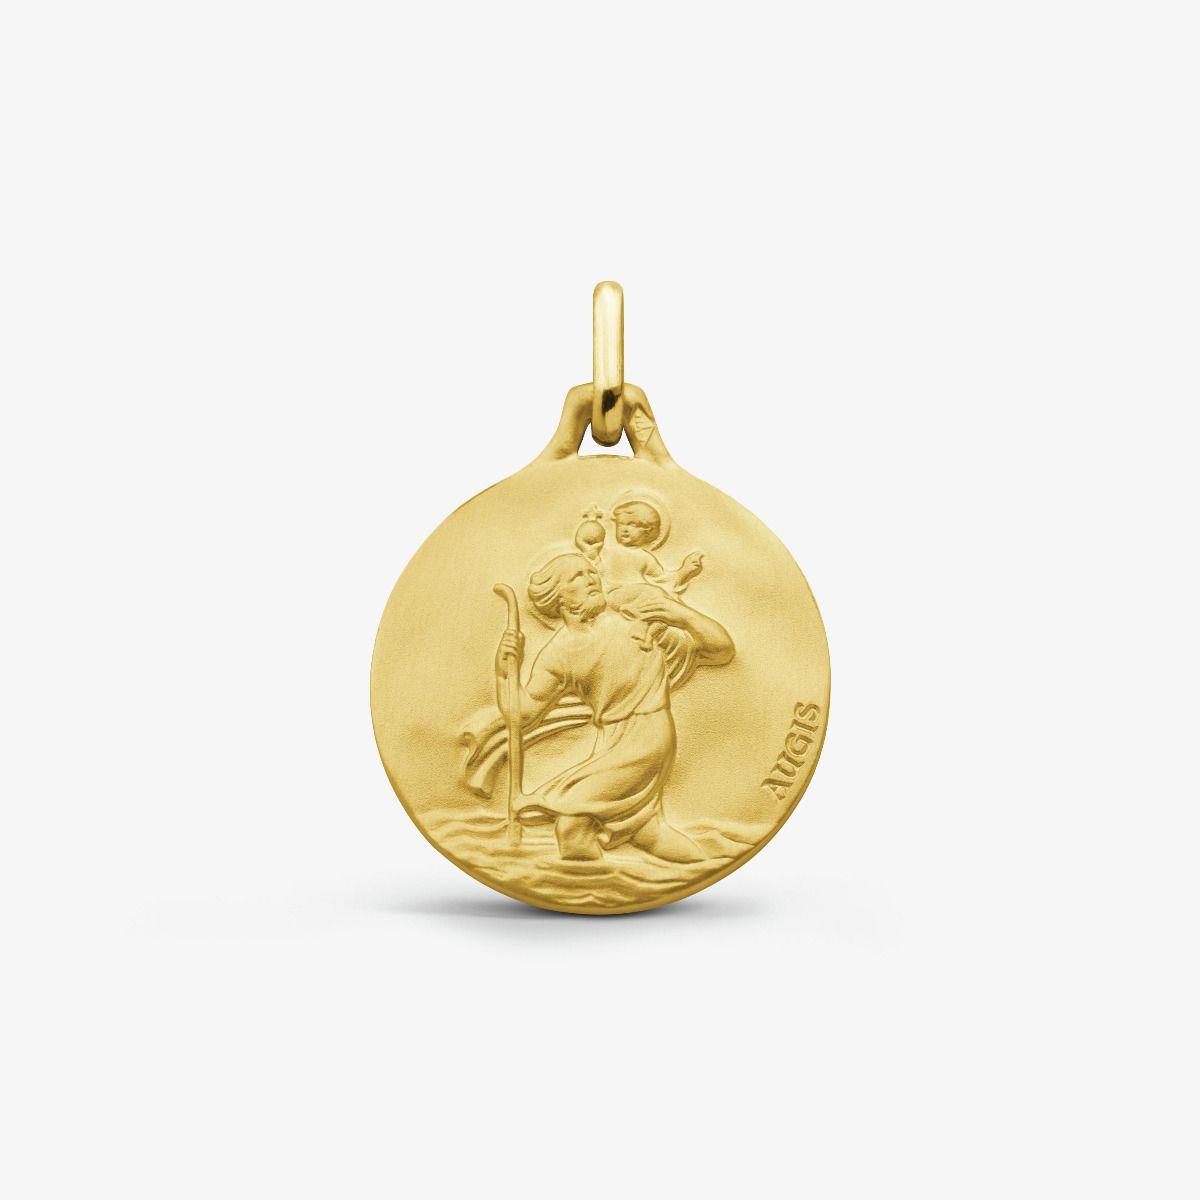 Médaille Saint Christophe Or Jaune 18 carats - 16 mm